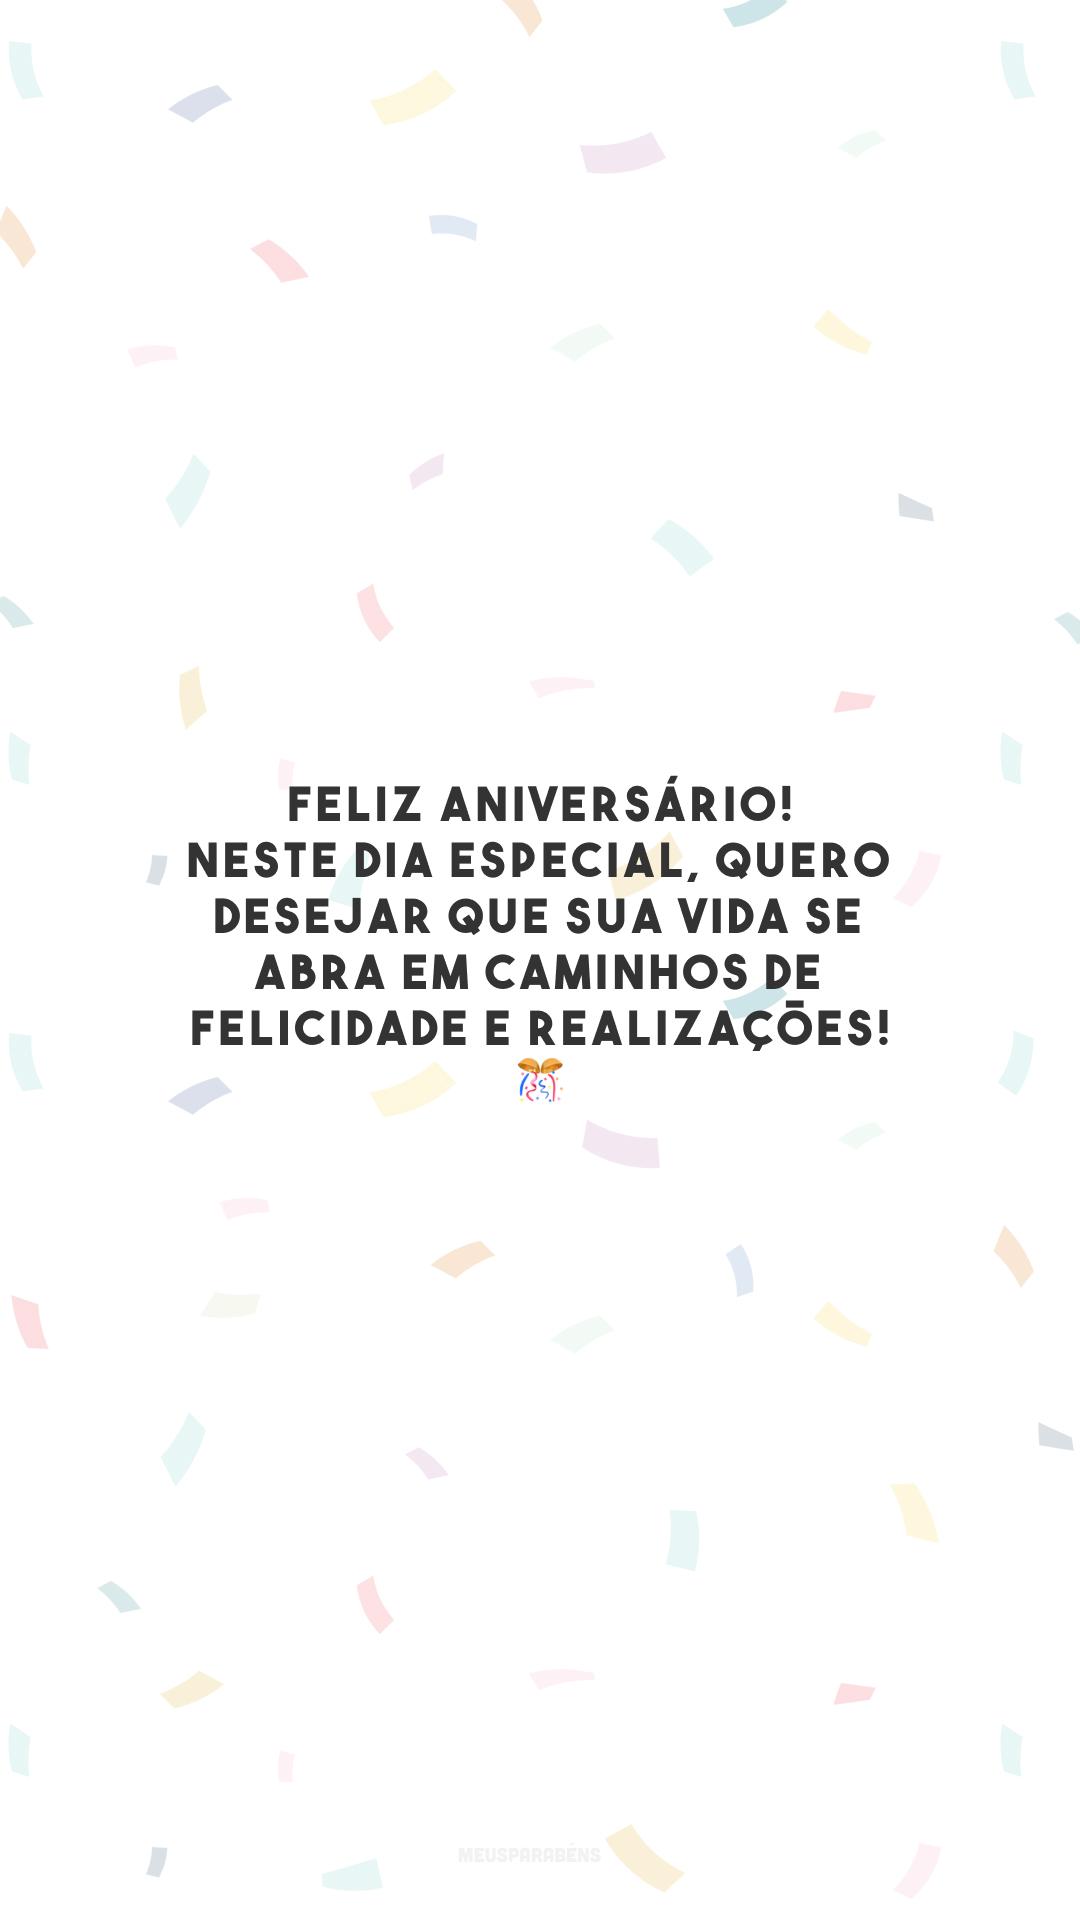 Feliz aniversário! Neste dia especial, quero desejar que sua vida se abra em caminhos de felicidade e realizações! 🎊